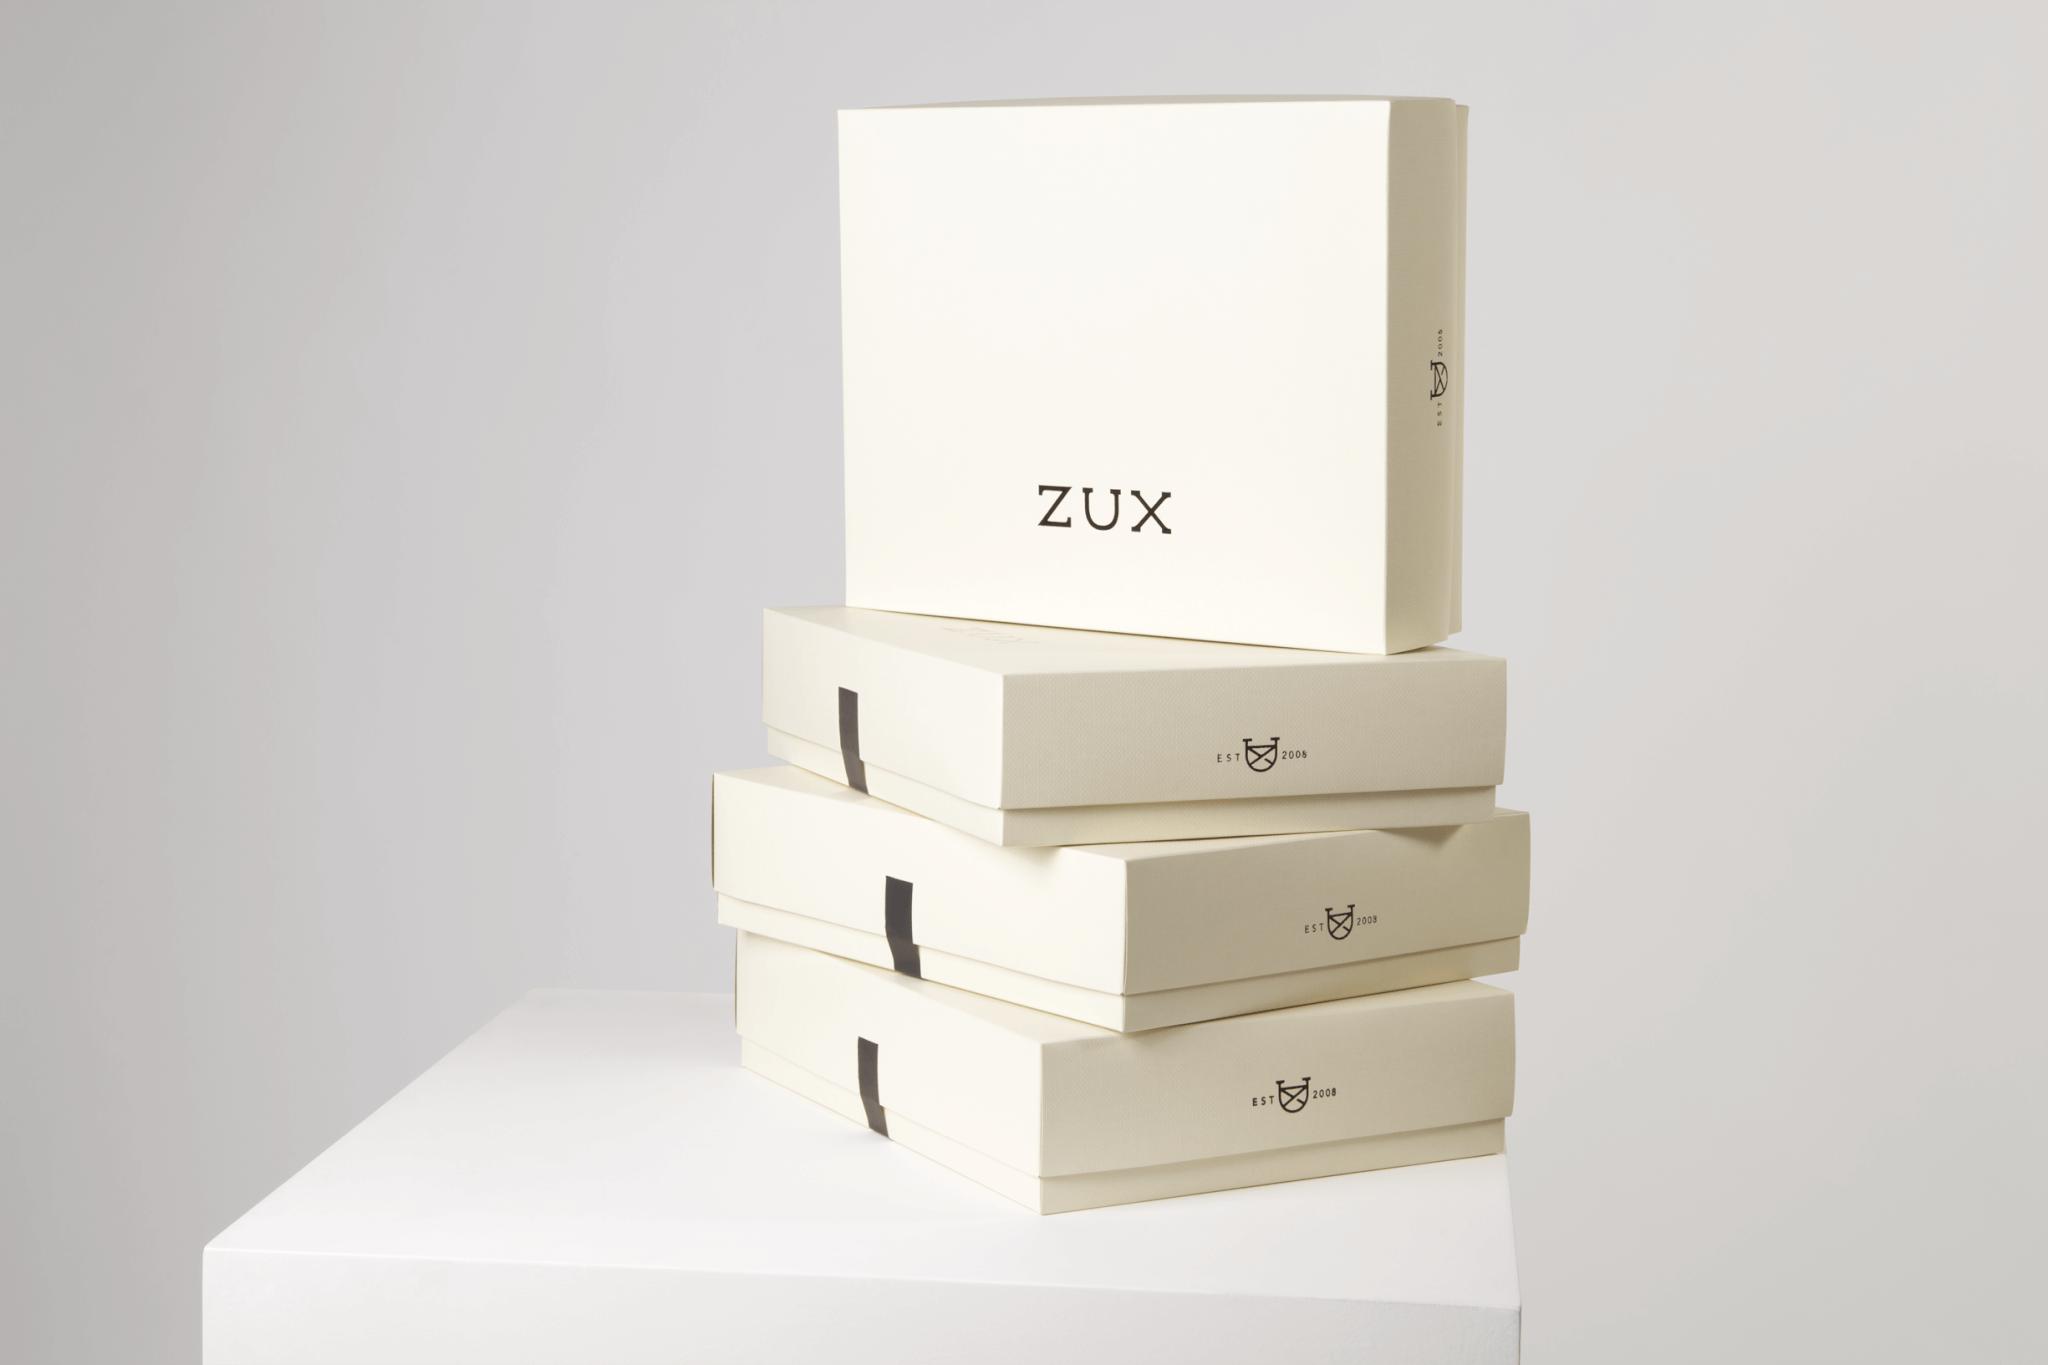 Zux-011